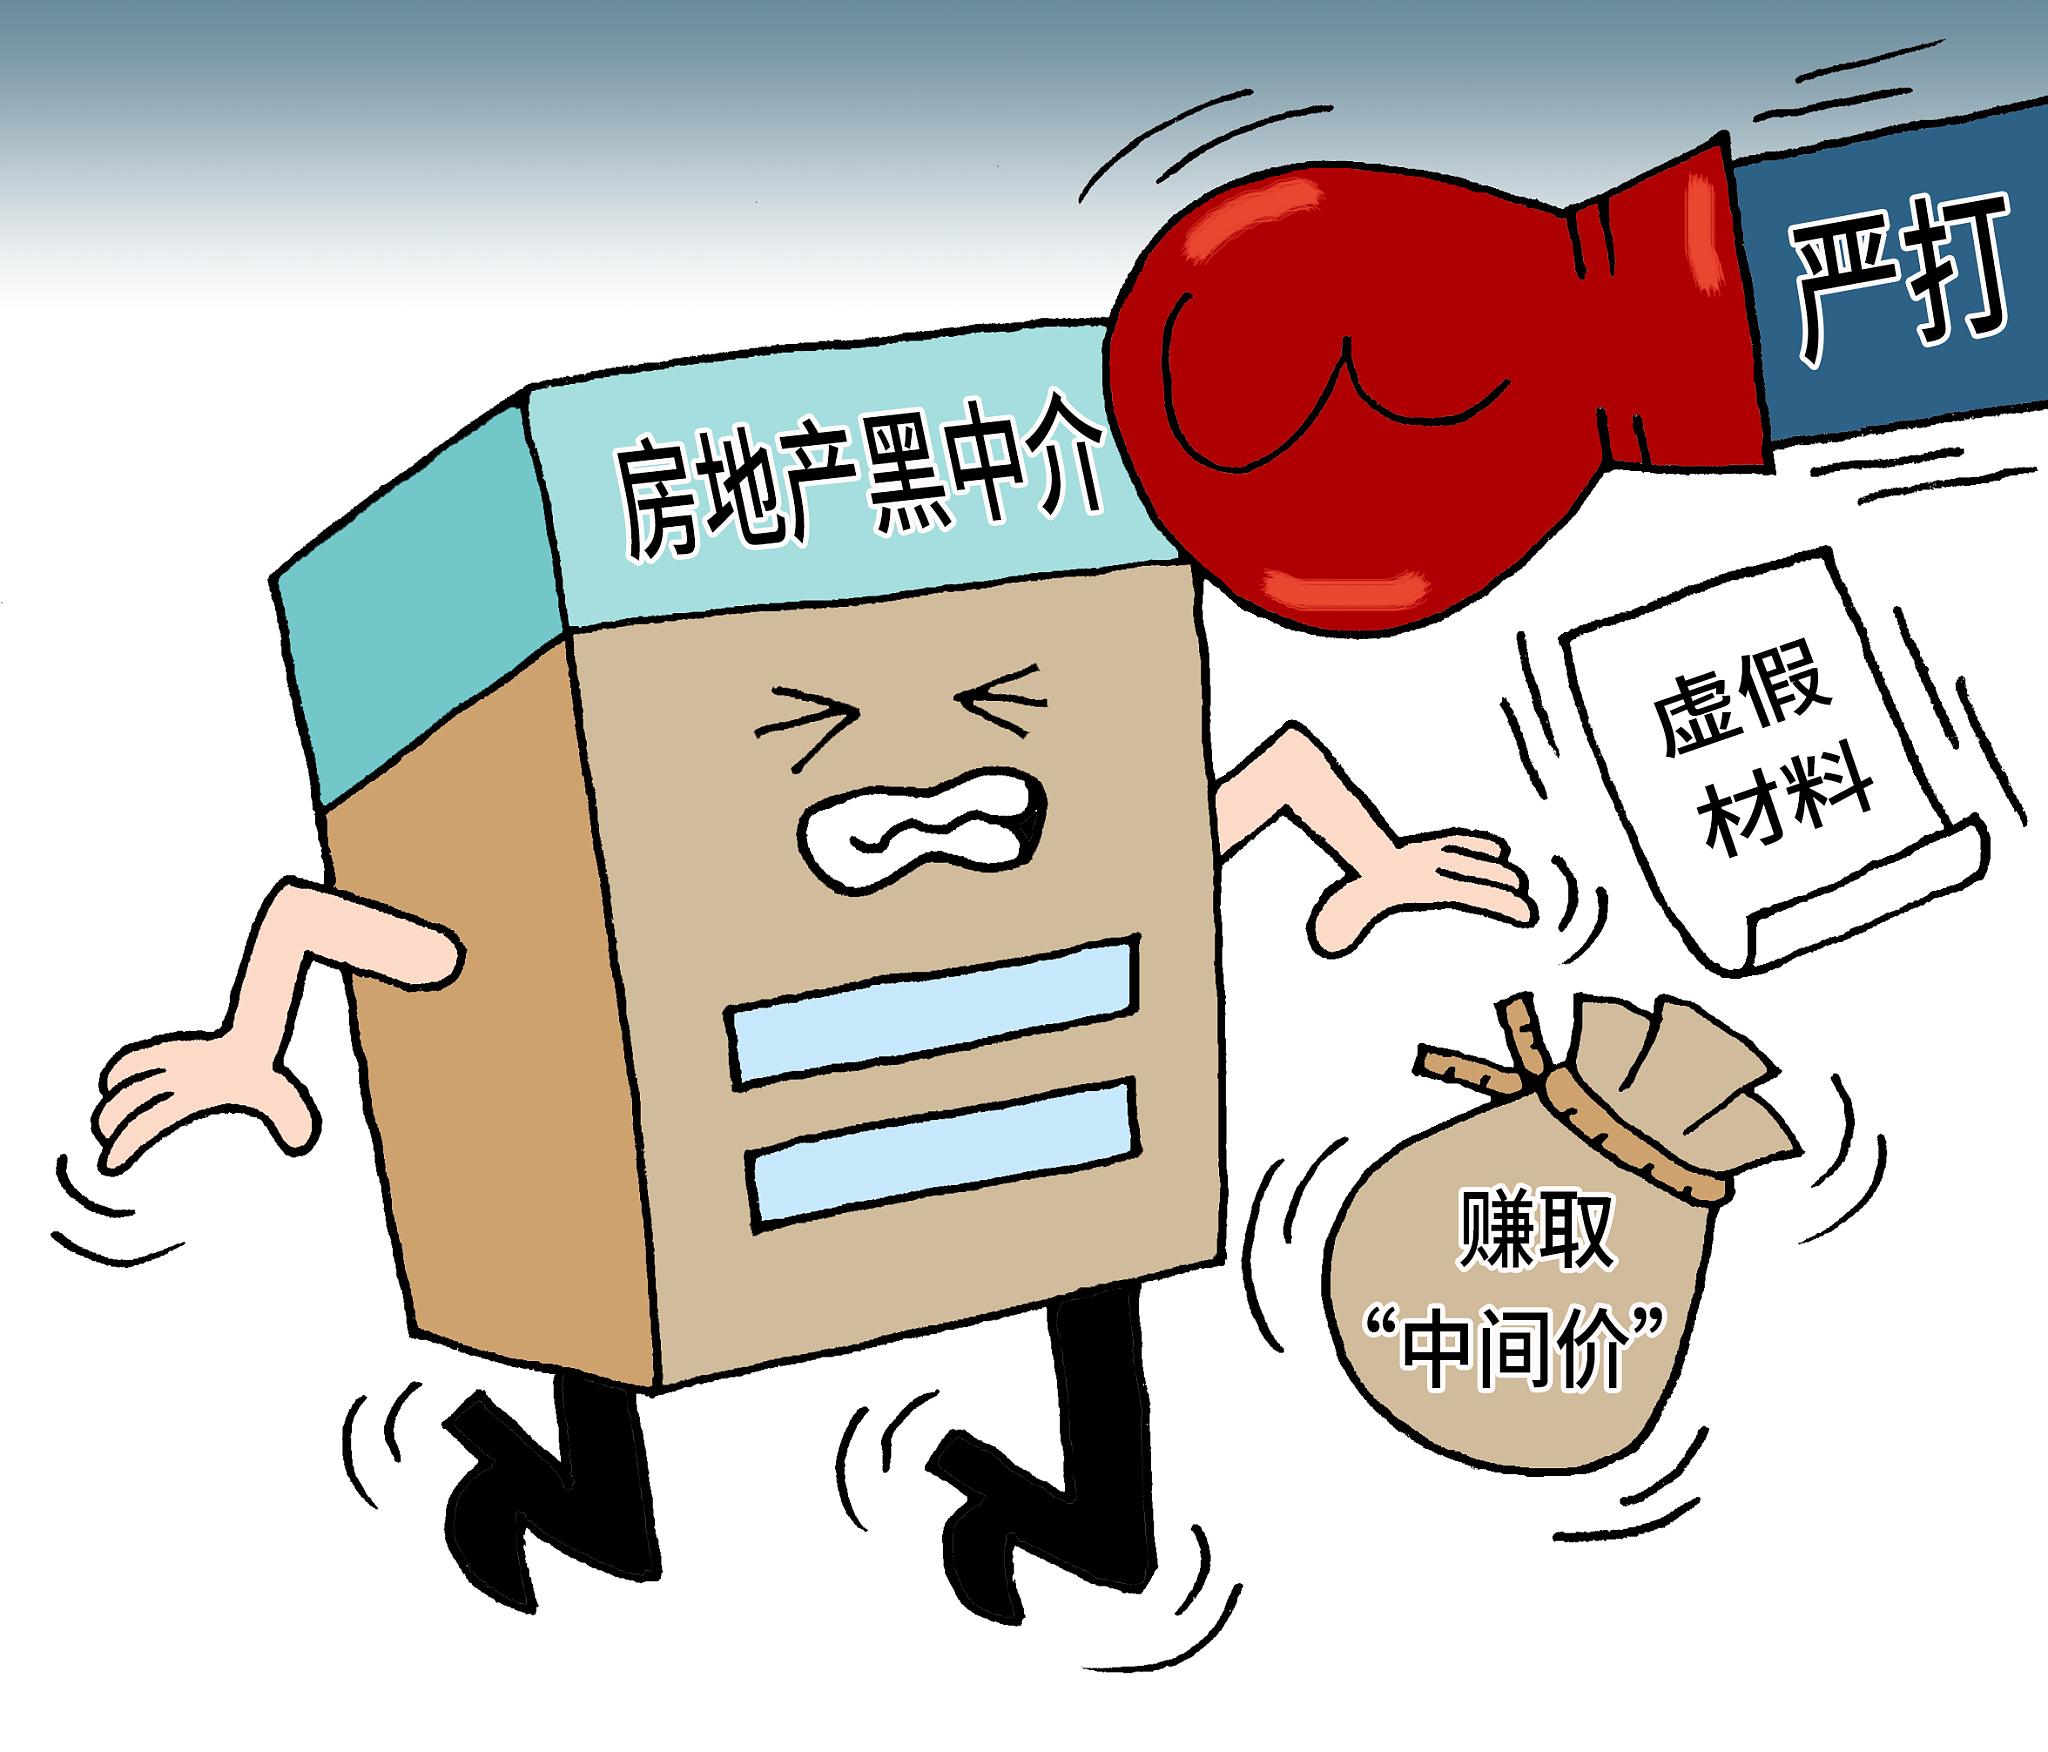 贵州出台《方案》整治住房租赁中介机构等乱象,严打这些行为……